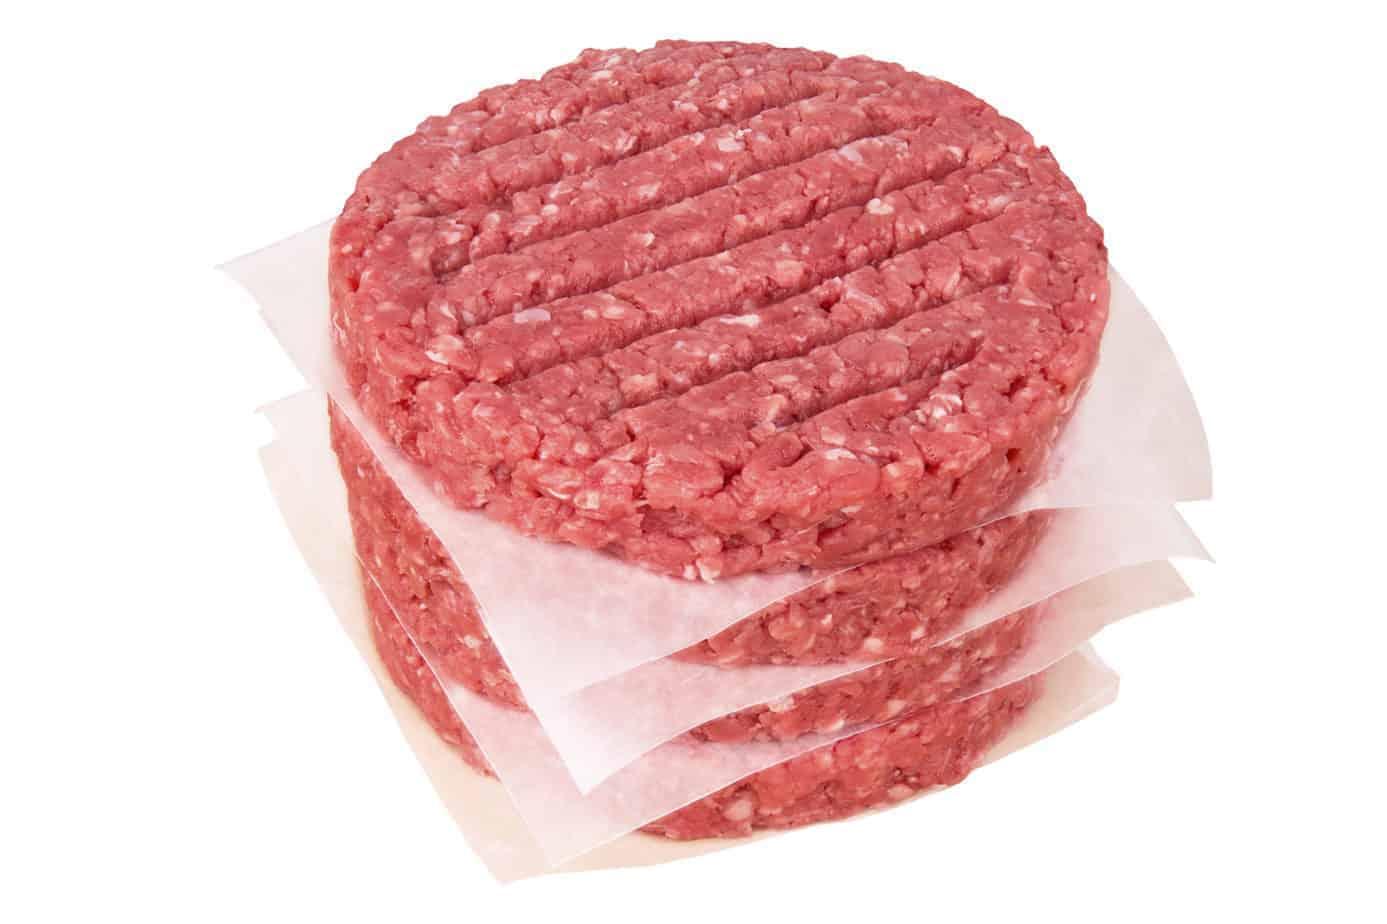 Hamburgerfleisch 180 g Foodworks Angus Beef